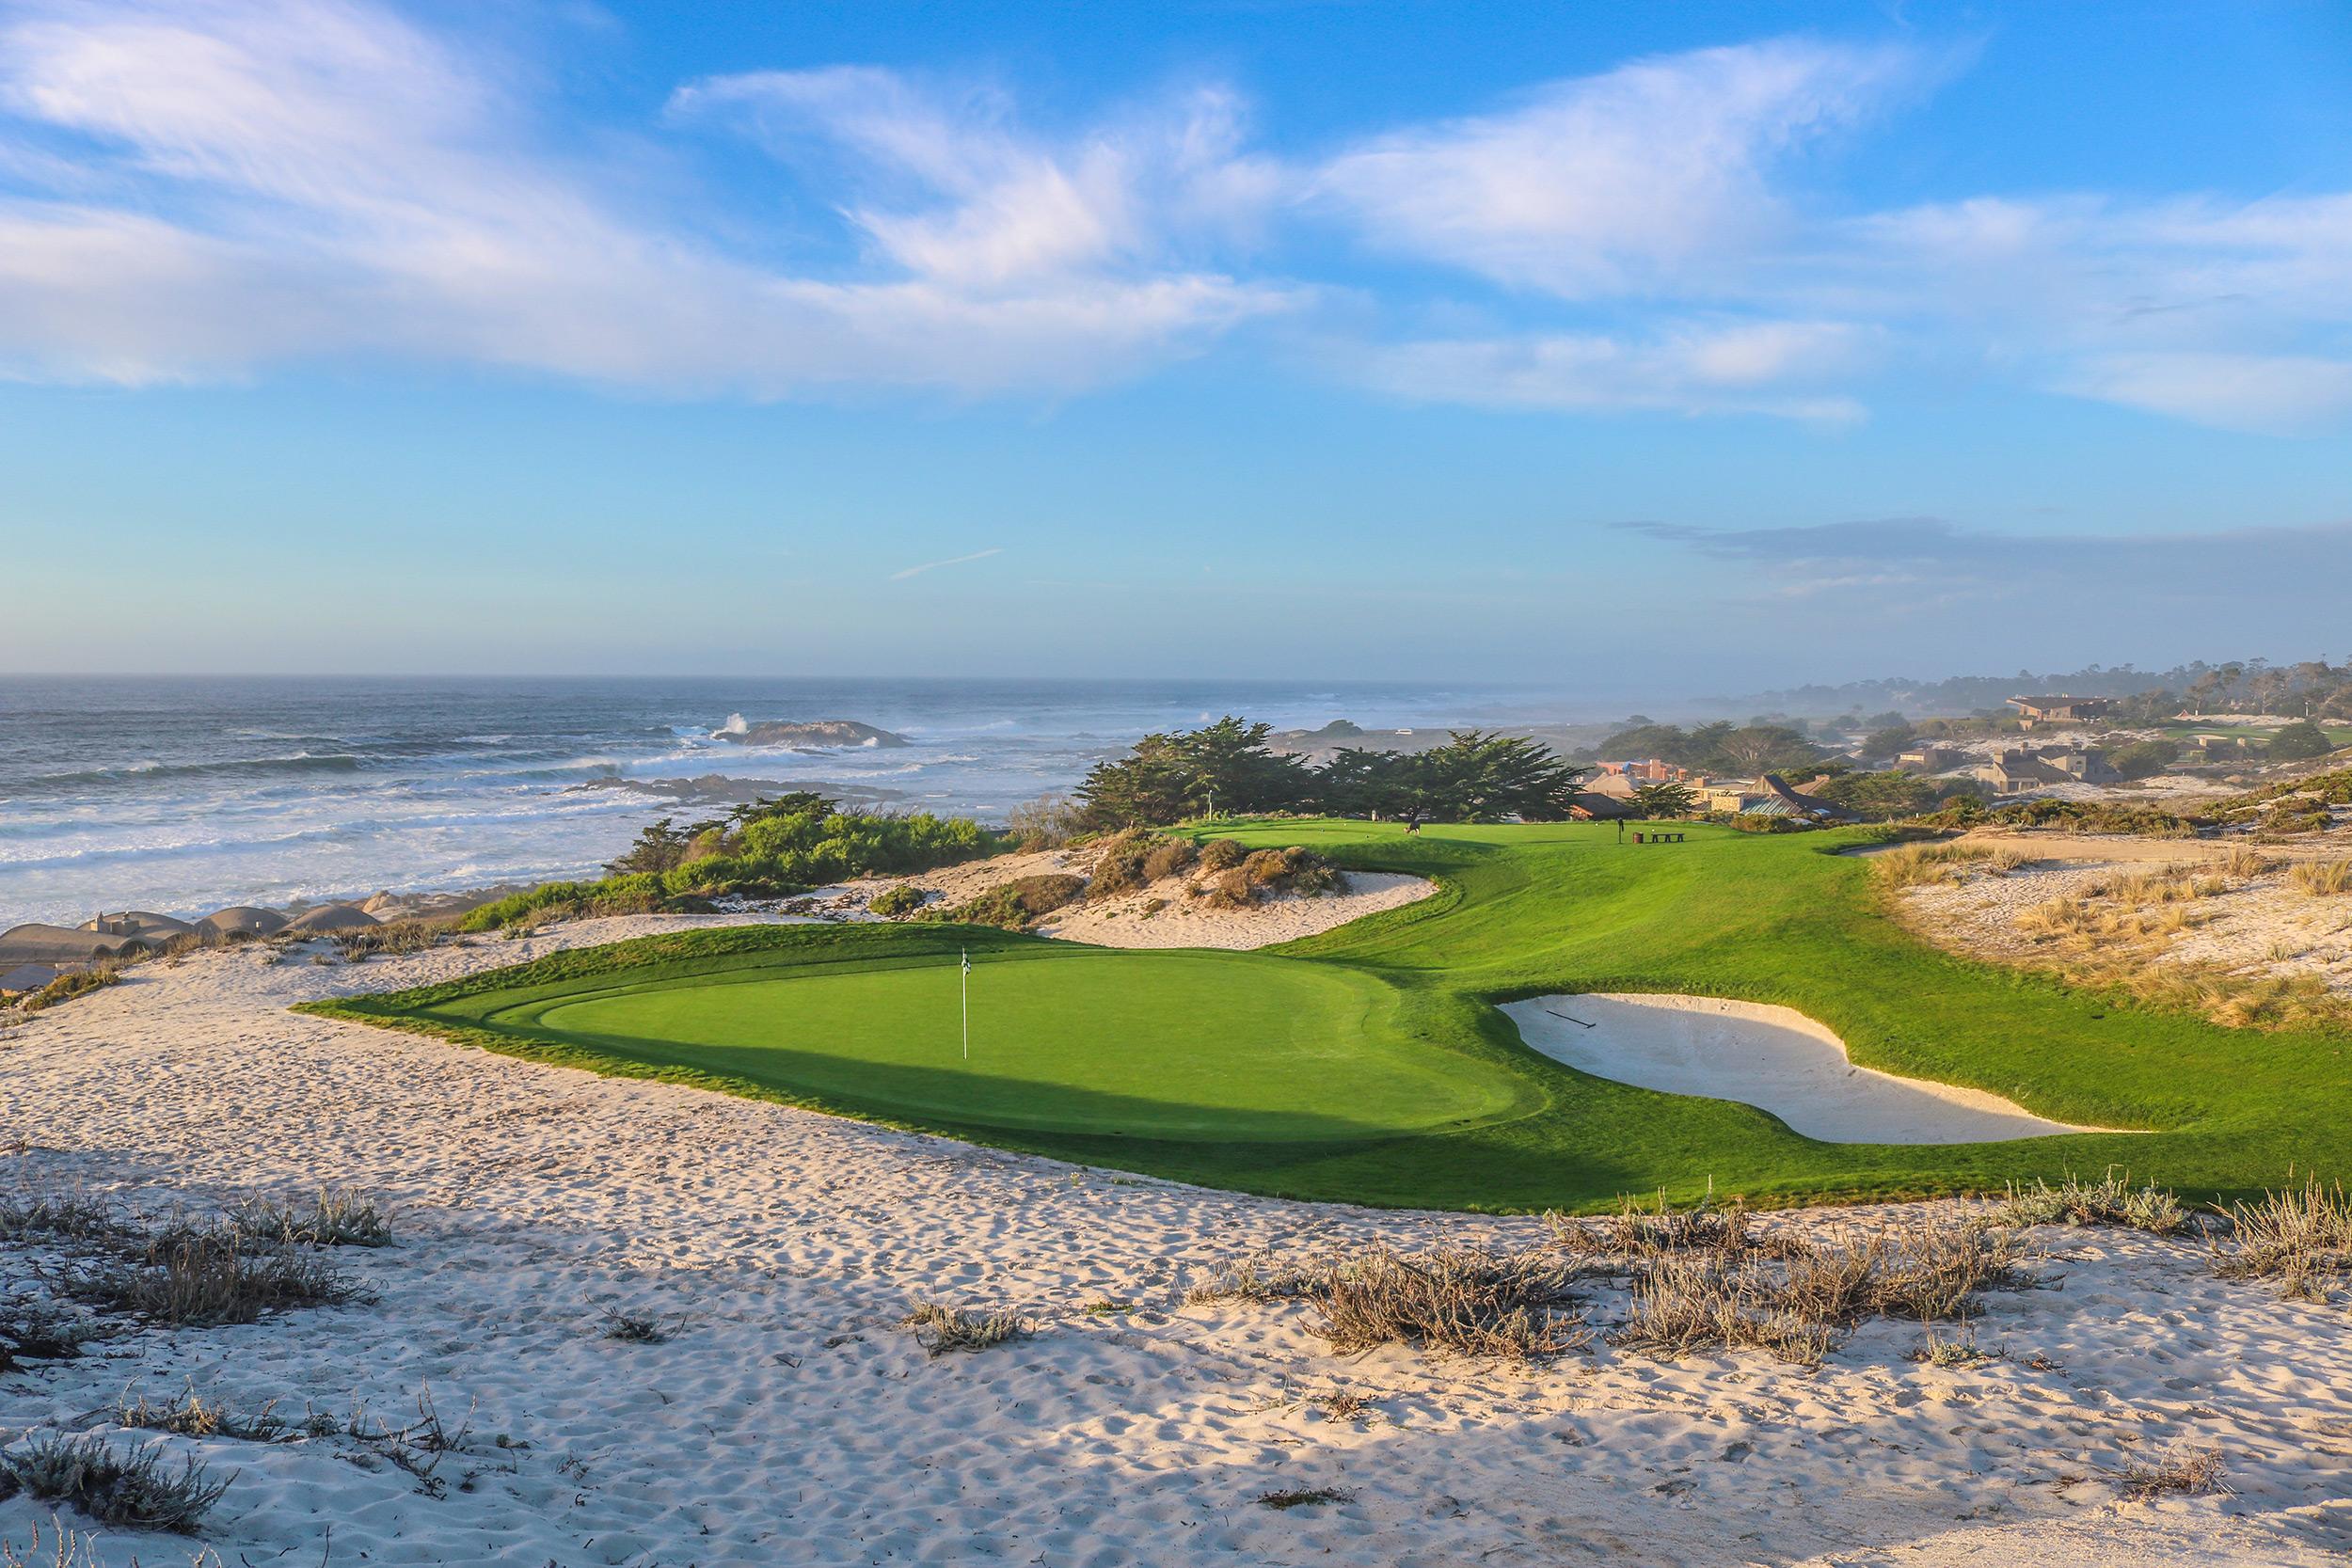 Spyglass Hill Golf Course